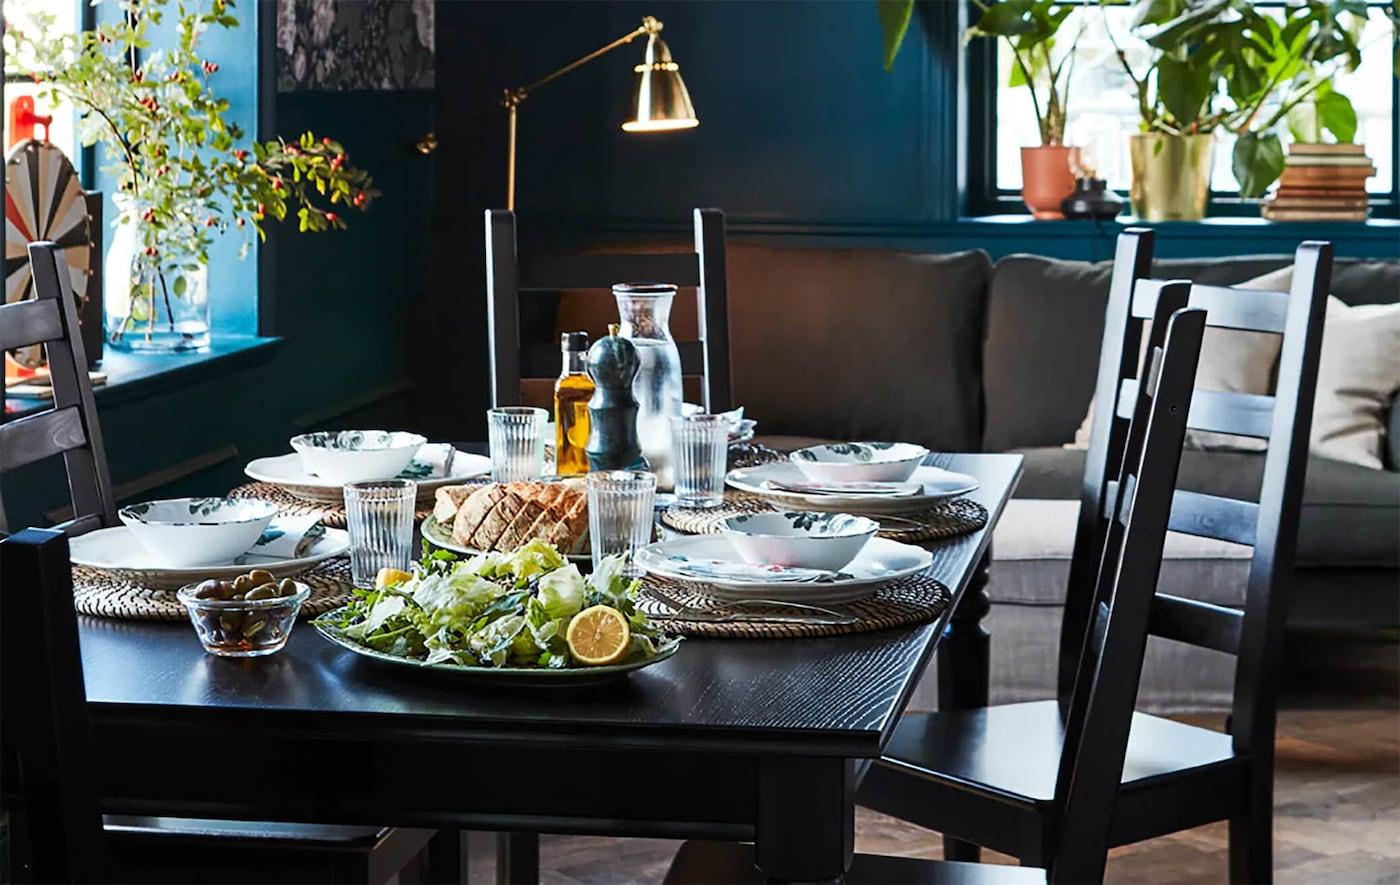 Возродить традицию семейных ужинов проще простого с раздвижным столом, за которым обязательно найдется место друзьям.